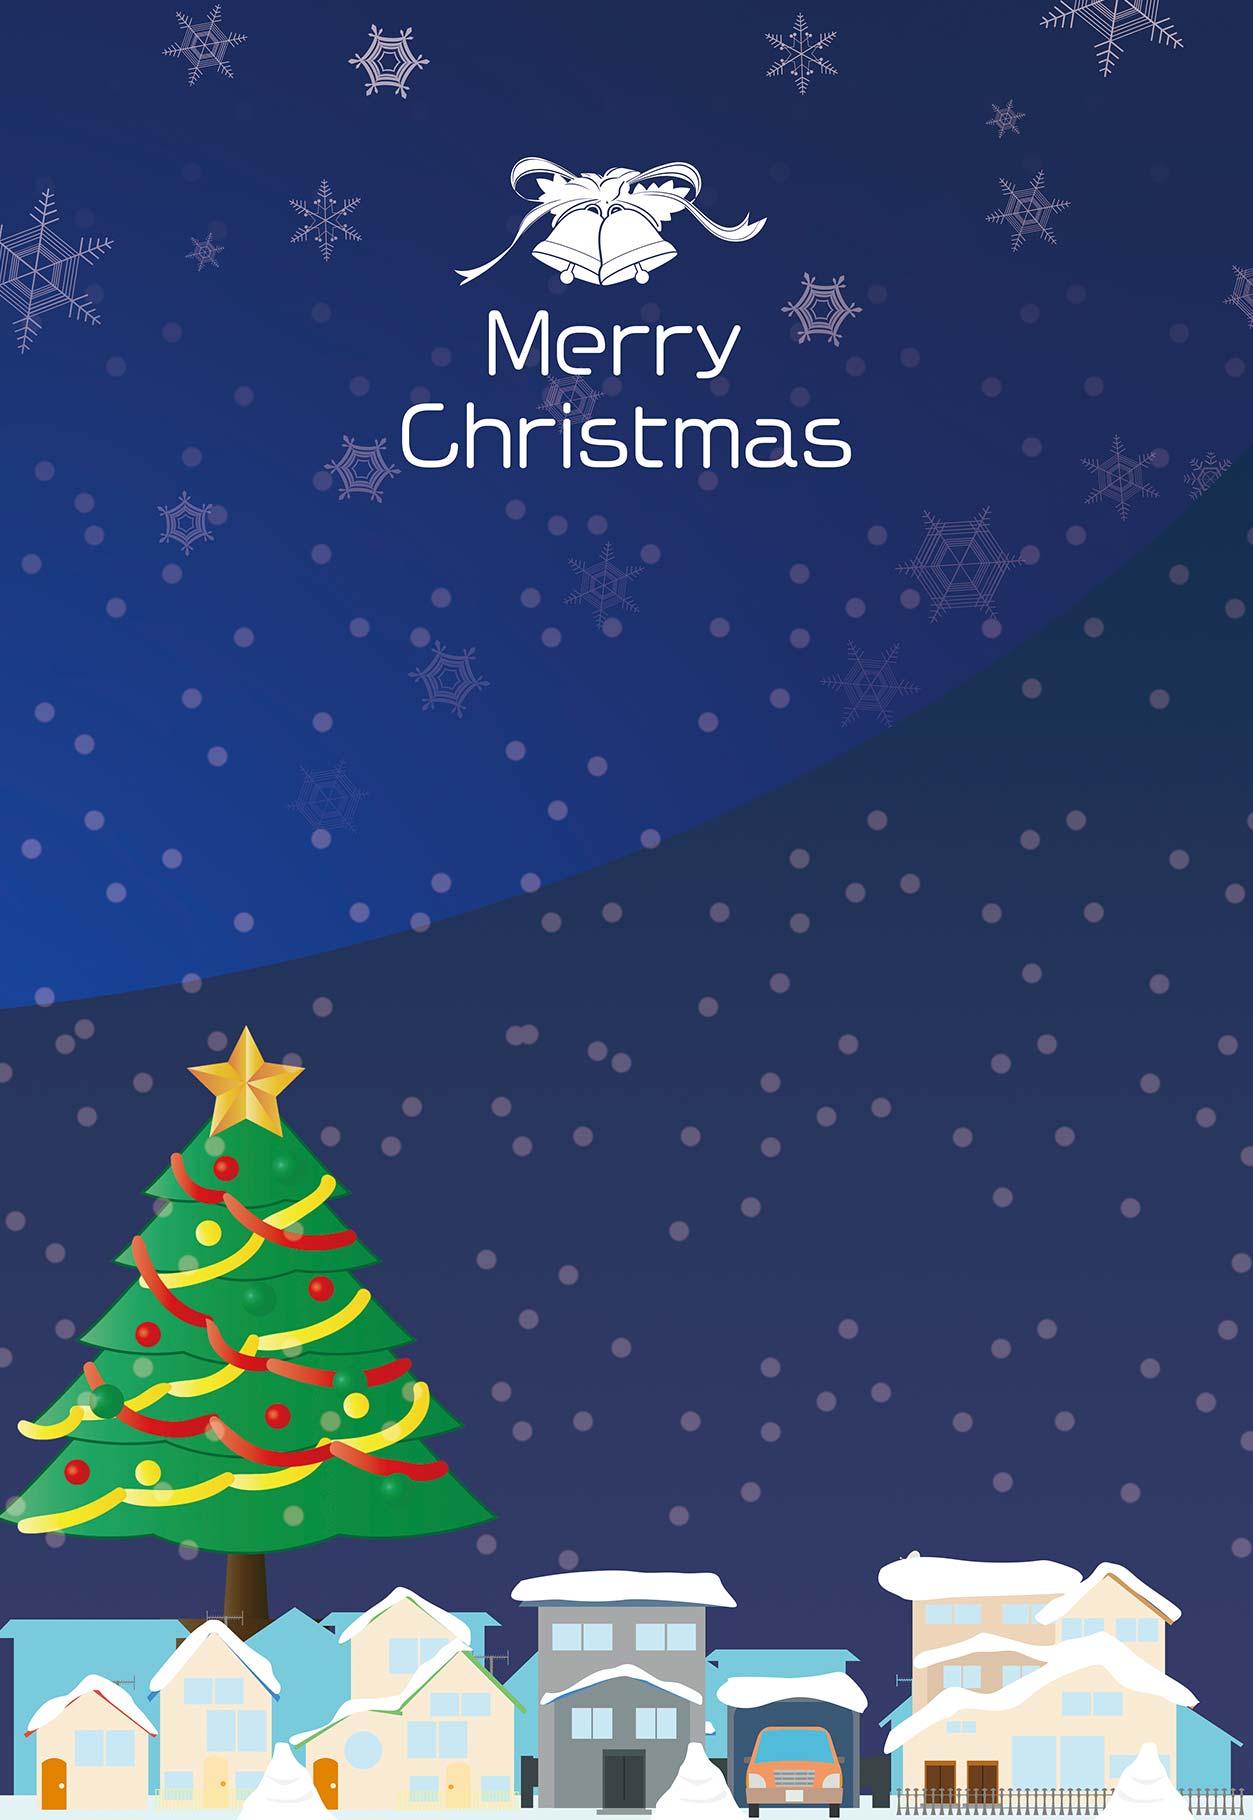 クリスマスと街のイラスト